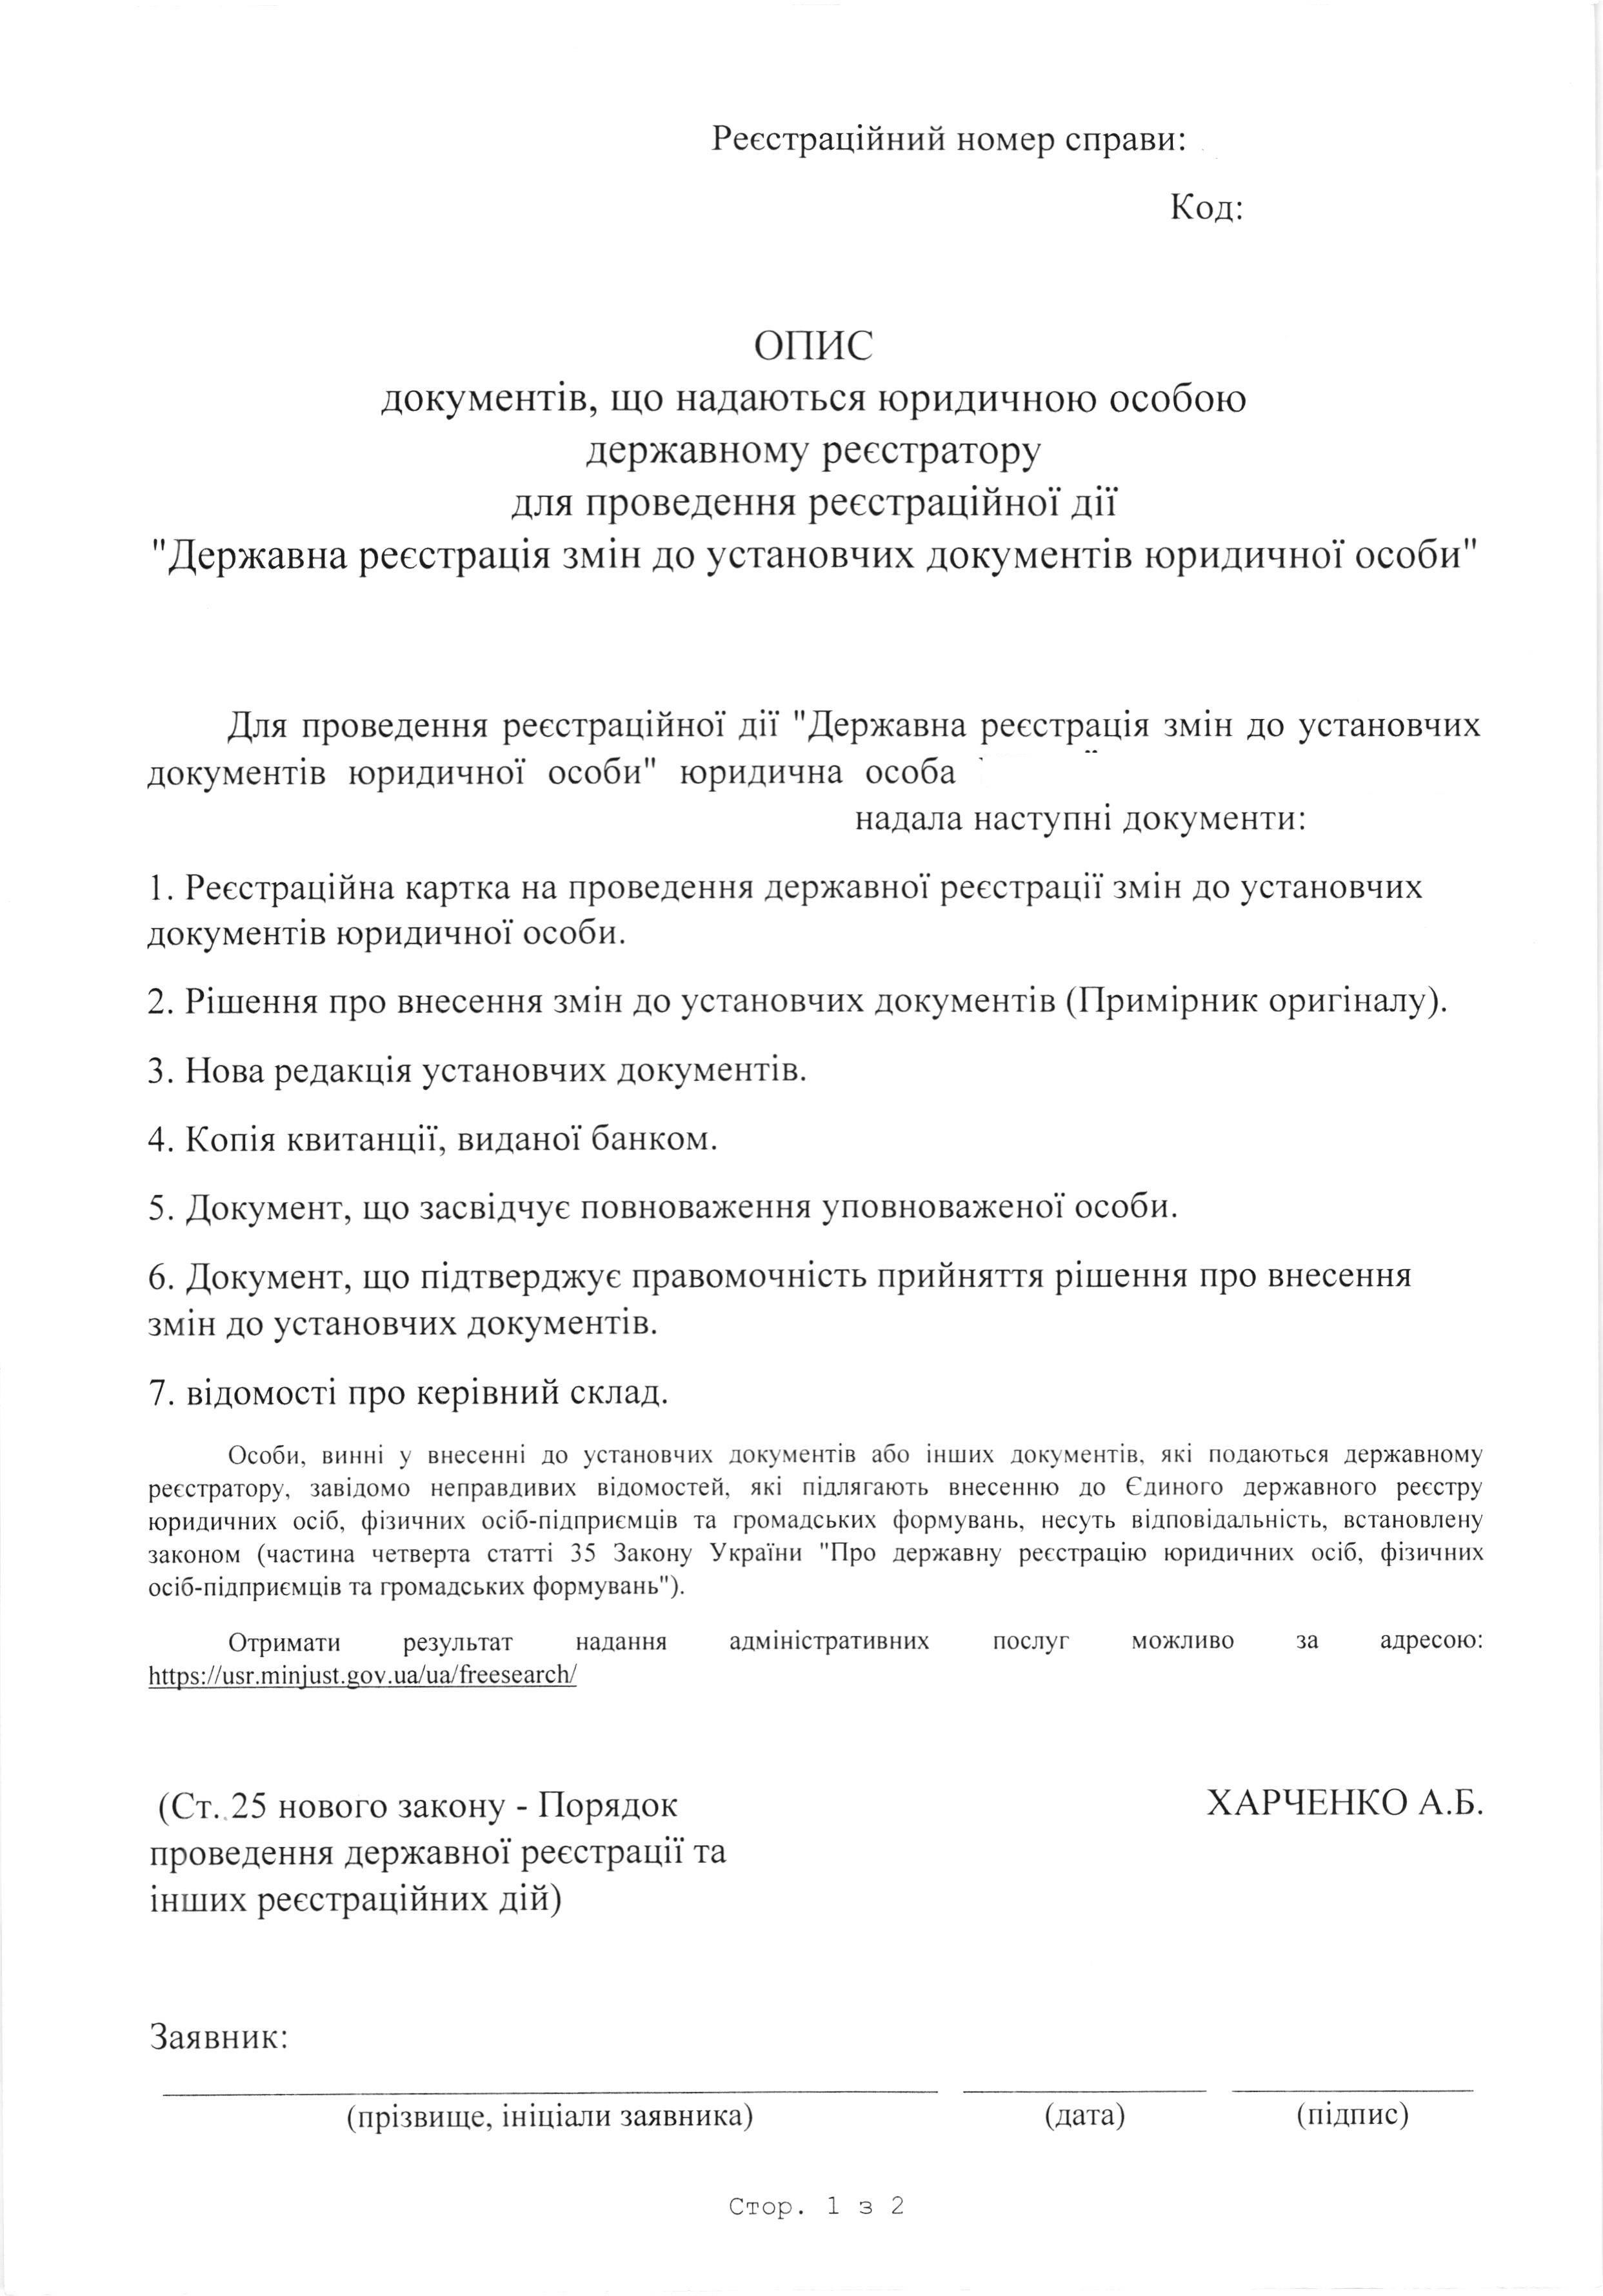 Изменения в уставе организации законодательство